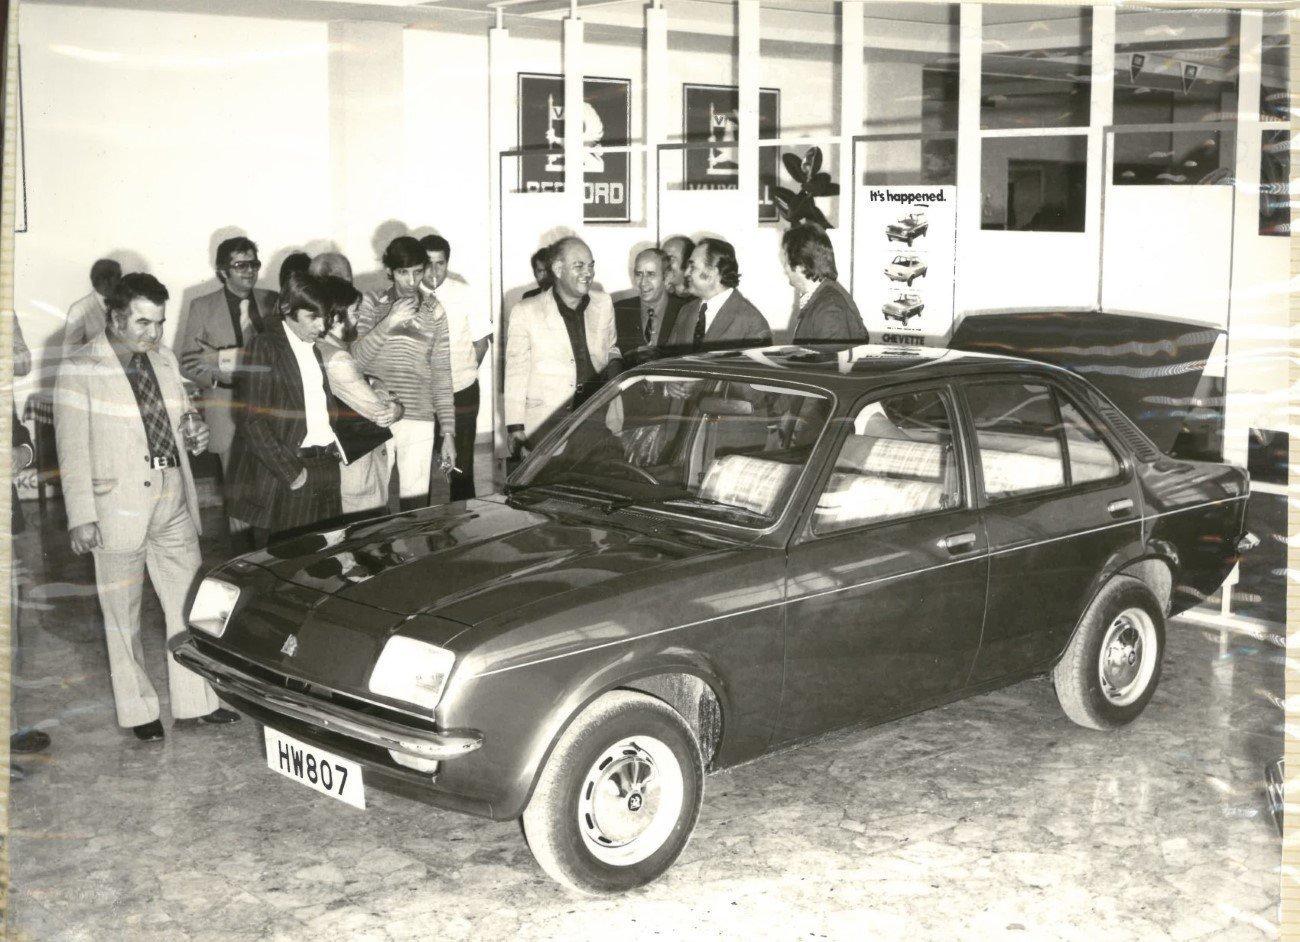 Παρουσίαση μοντέλου (Vauxhall Chevette) τη δεκαετία του 70'